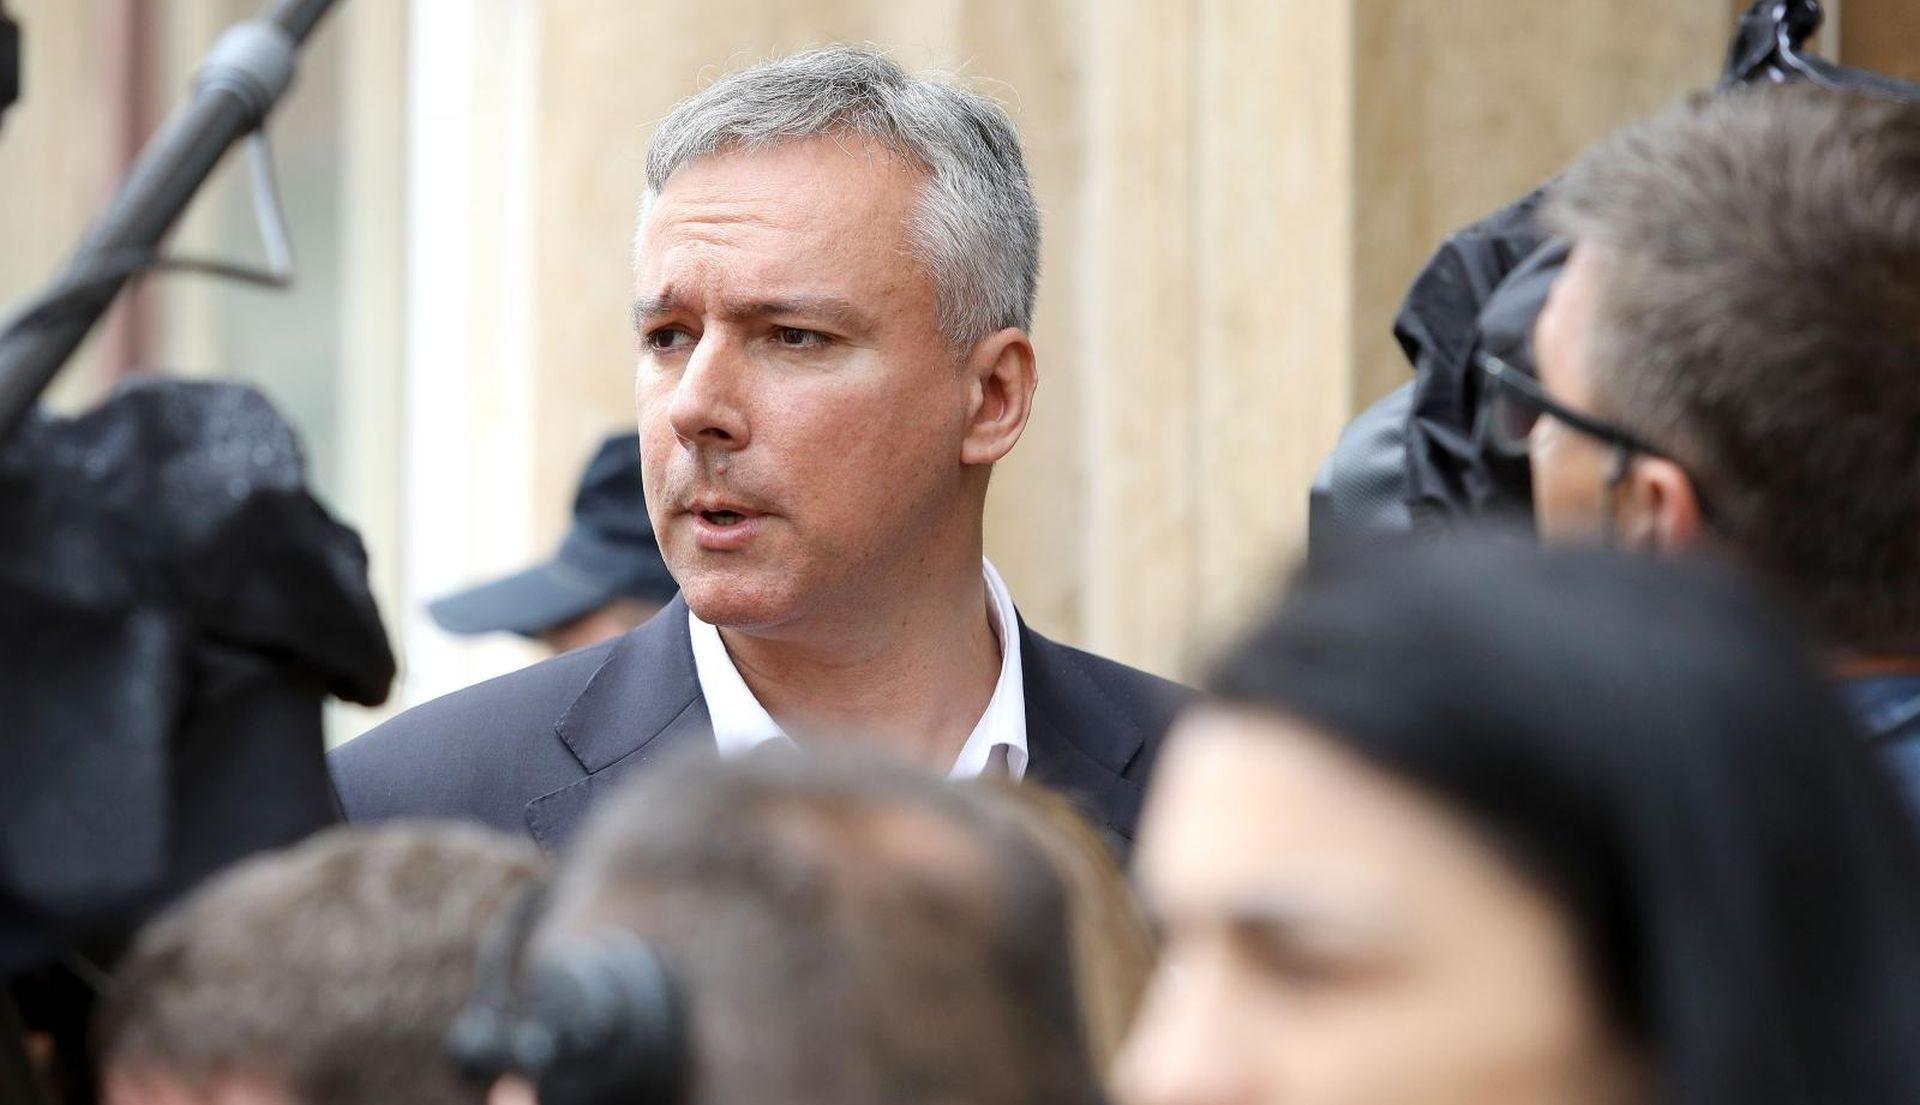 Kosor traži sastanak vladajuće koalicije zbog Vučićevih izjava